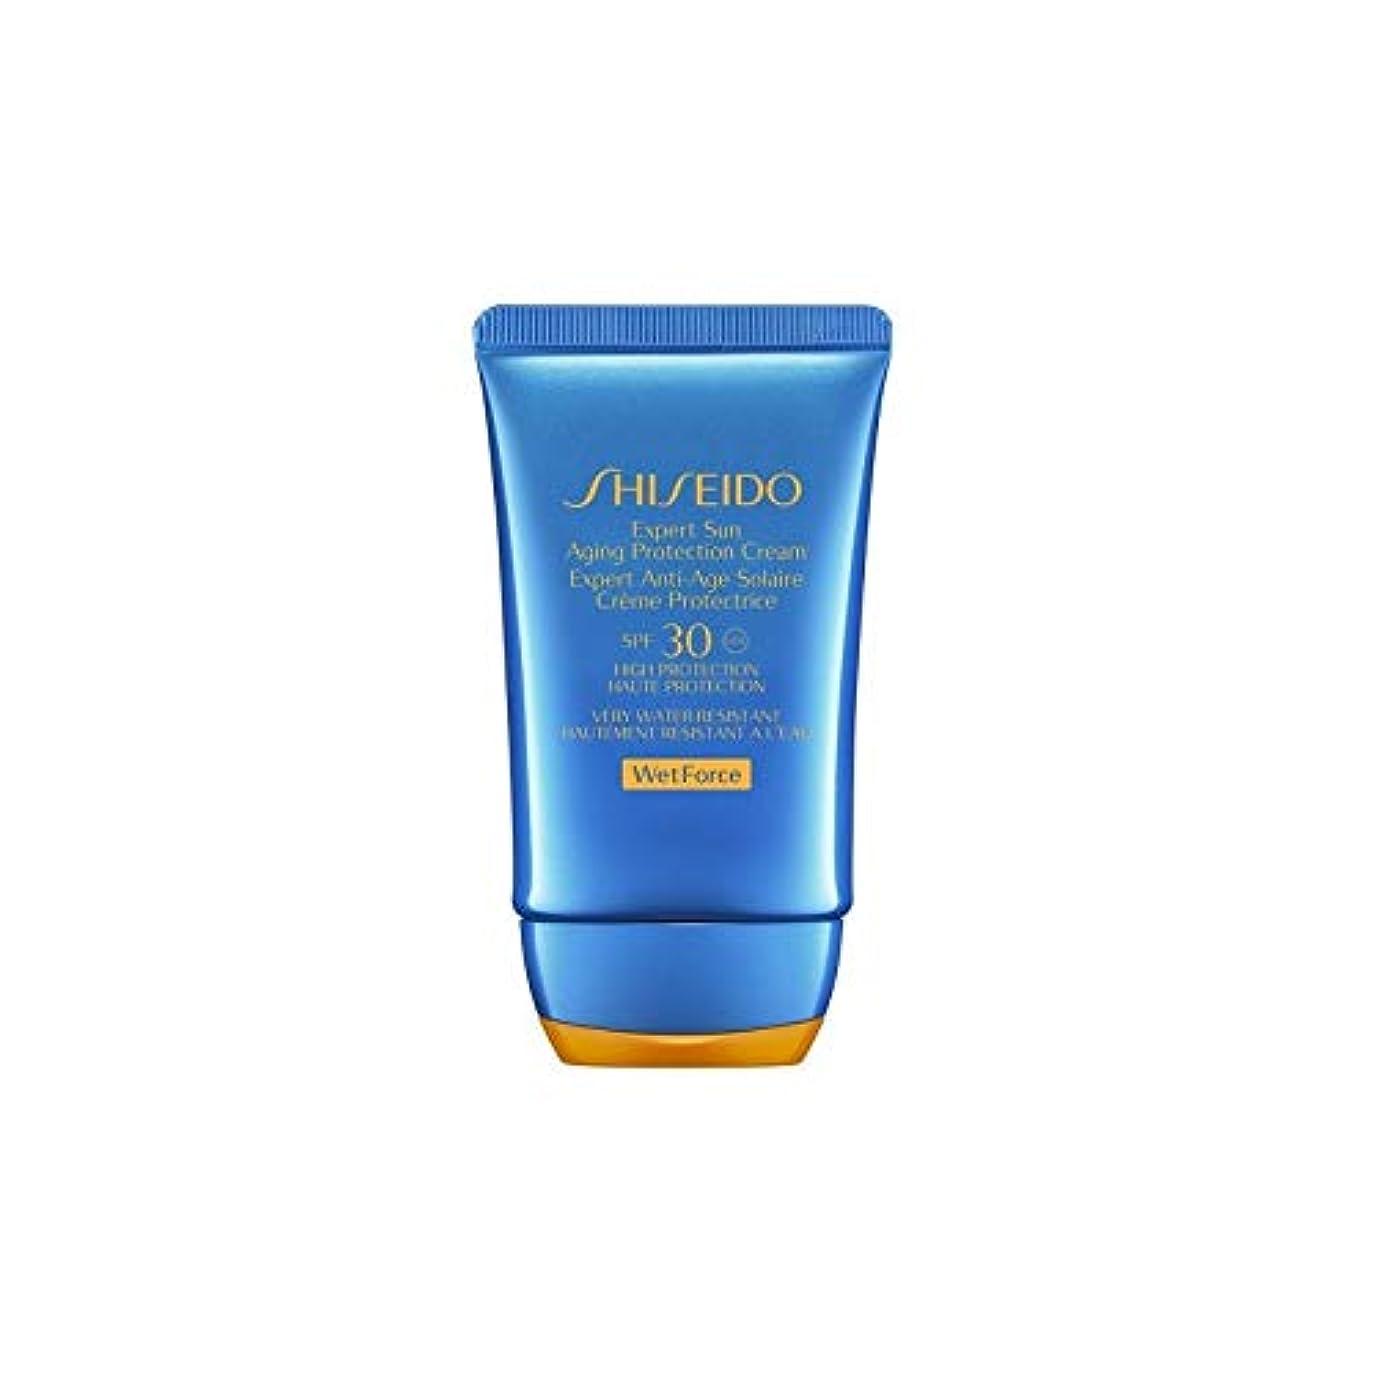 養う魔女防衛[Shiseido] 資生堂濡れ力の専門家太陽の老化防止クリームSpf30(50ミリリットル) - Shiseido Wet Force Expert Sun Aging Protection Cream Spf30 (...